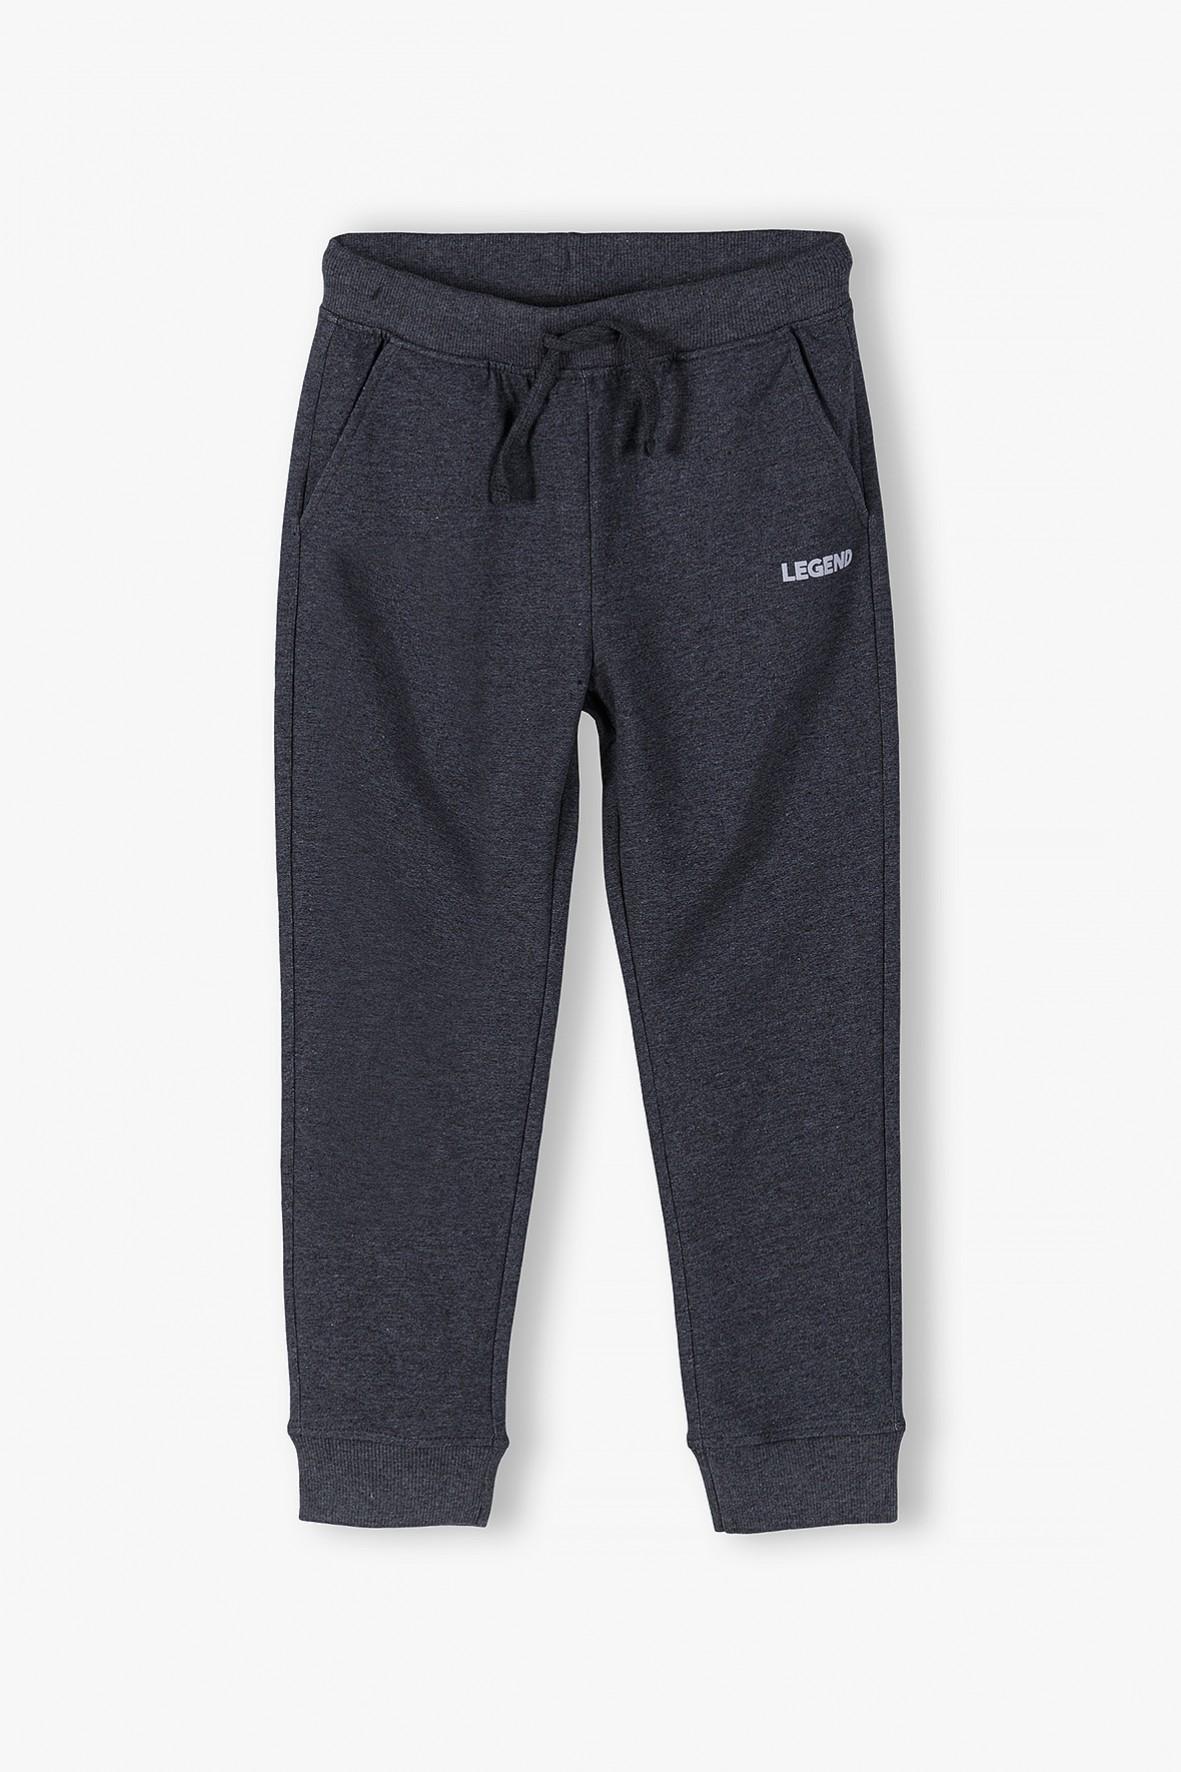 Spodnie dresowe niemowlęce szare- Legend